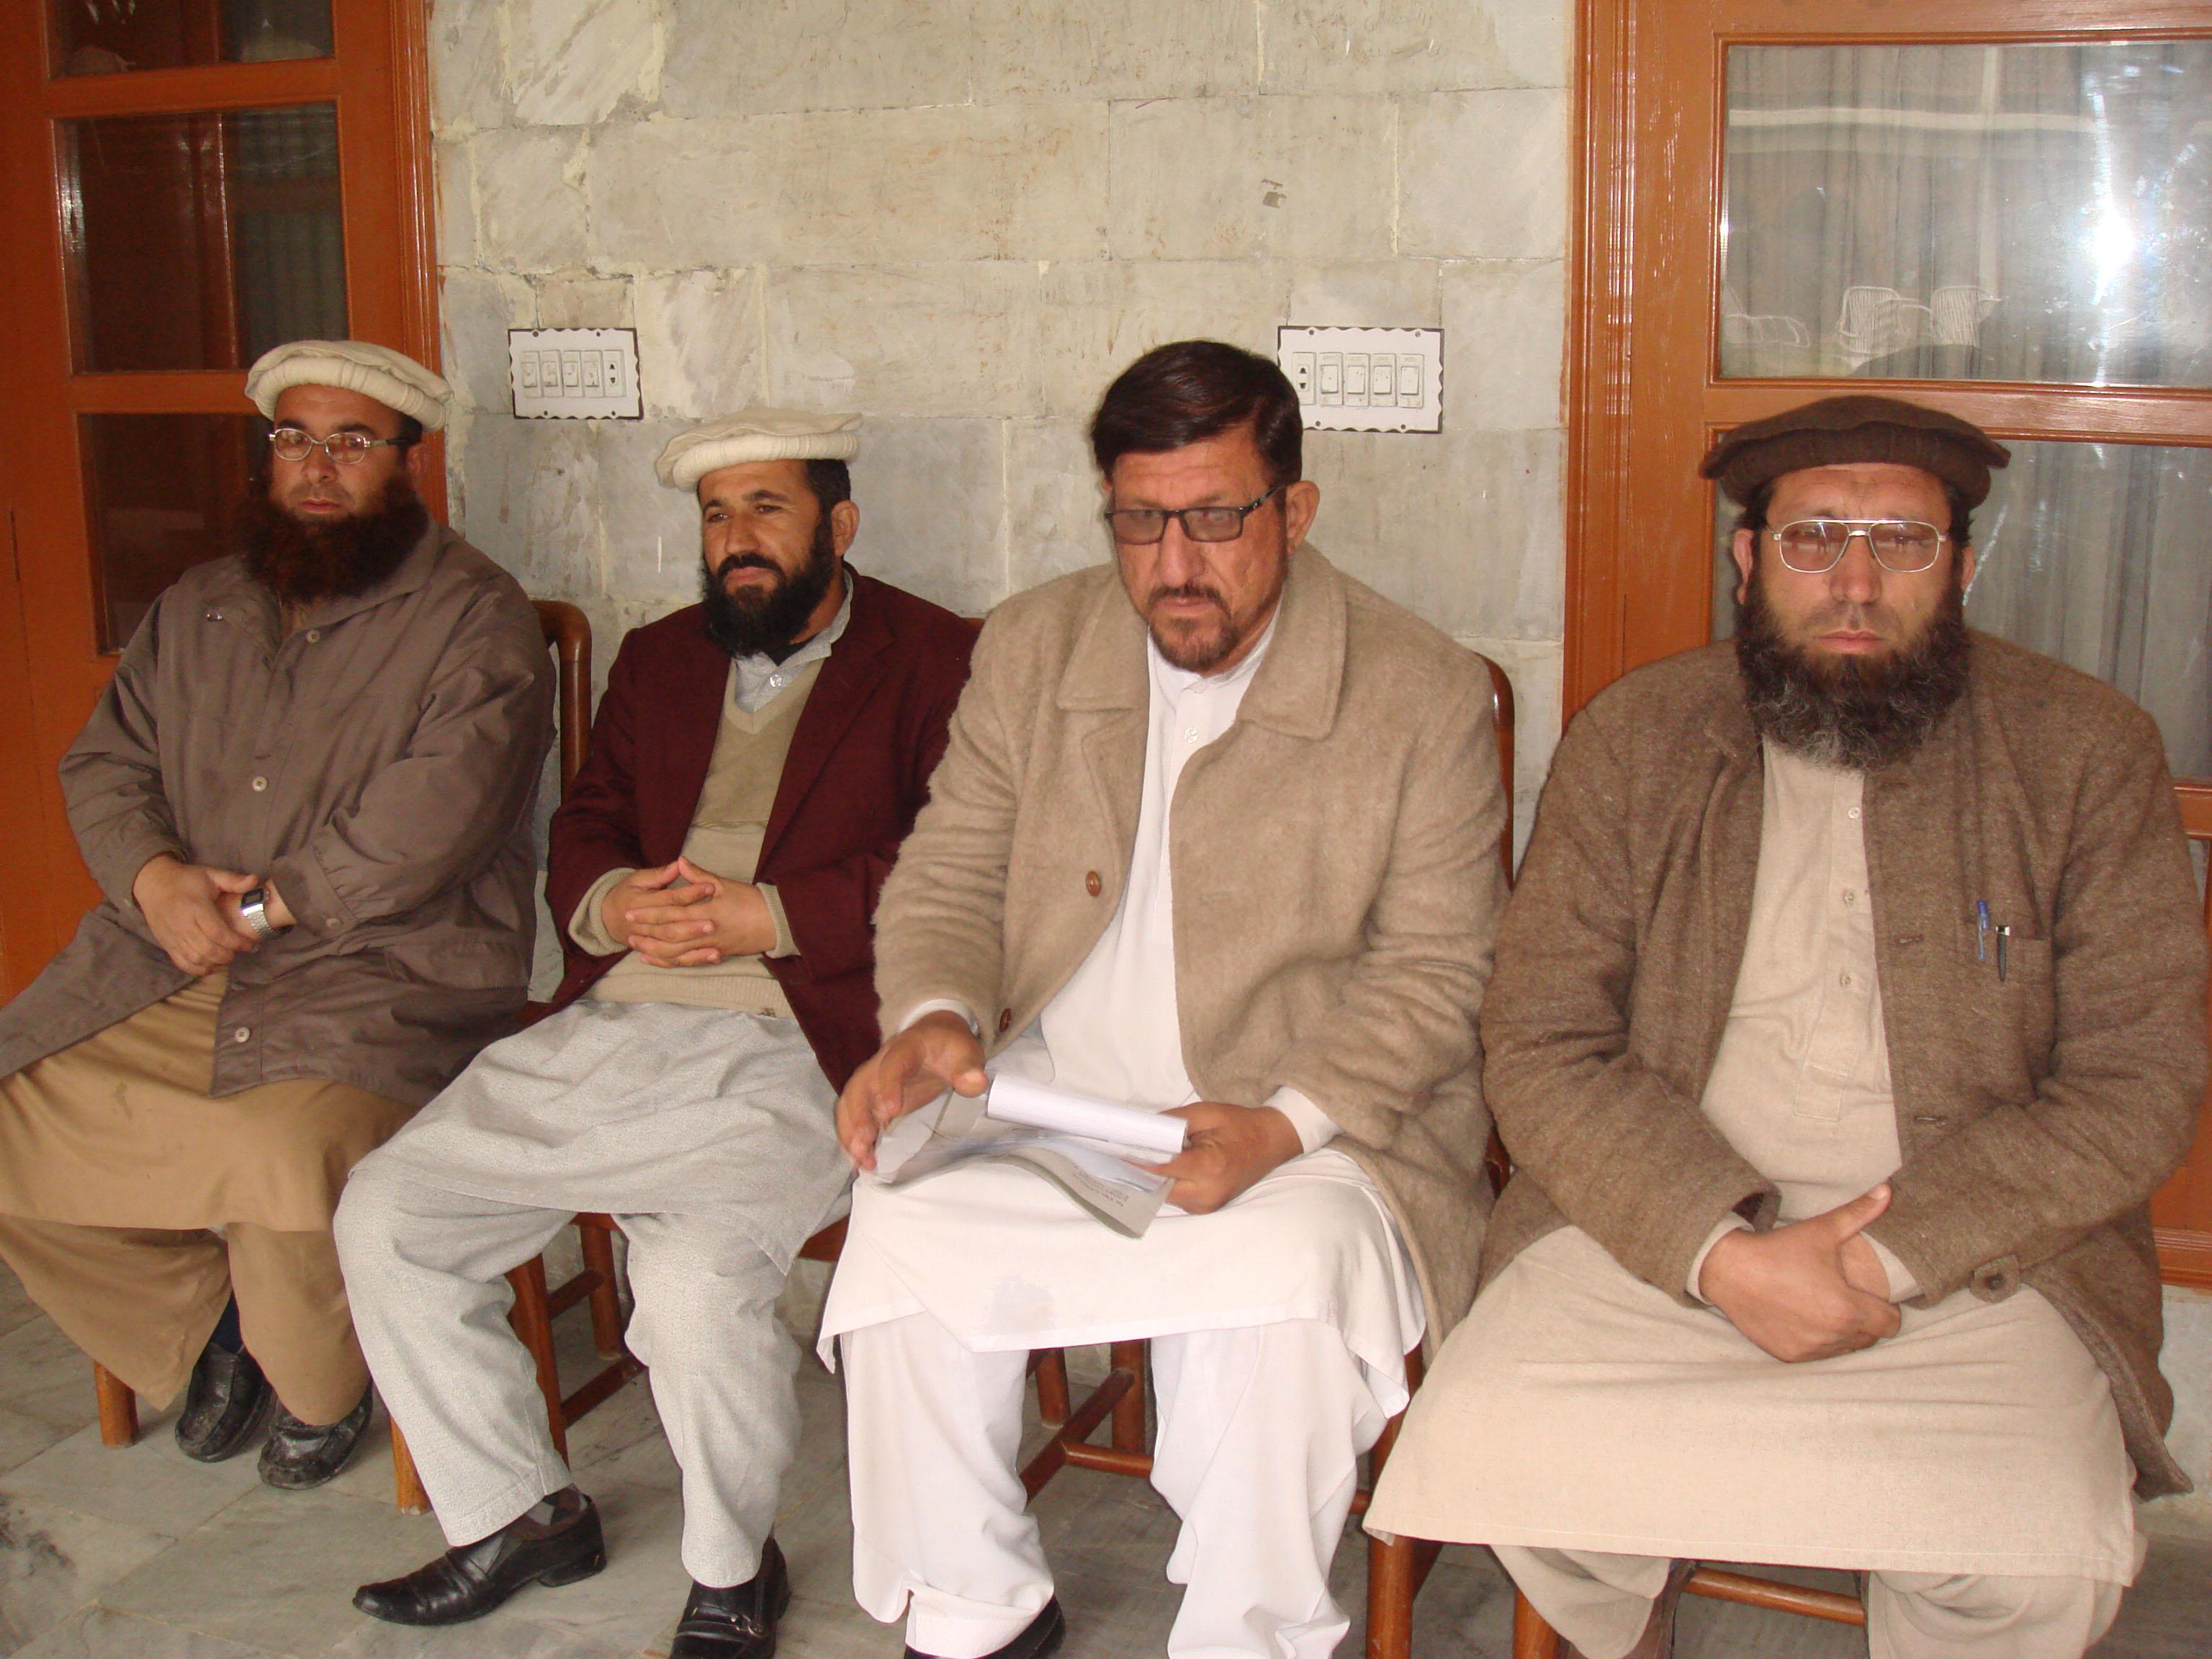 چترال لیویز میں غیر قانونی طور پر بھرتی کا انکشاف، جمعیت علمائے اسلام نے بھرتیاں منسوخ کرنے کا مطالبہ کردیا